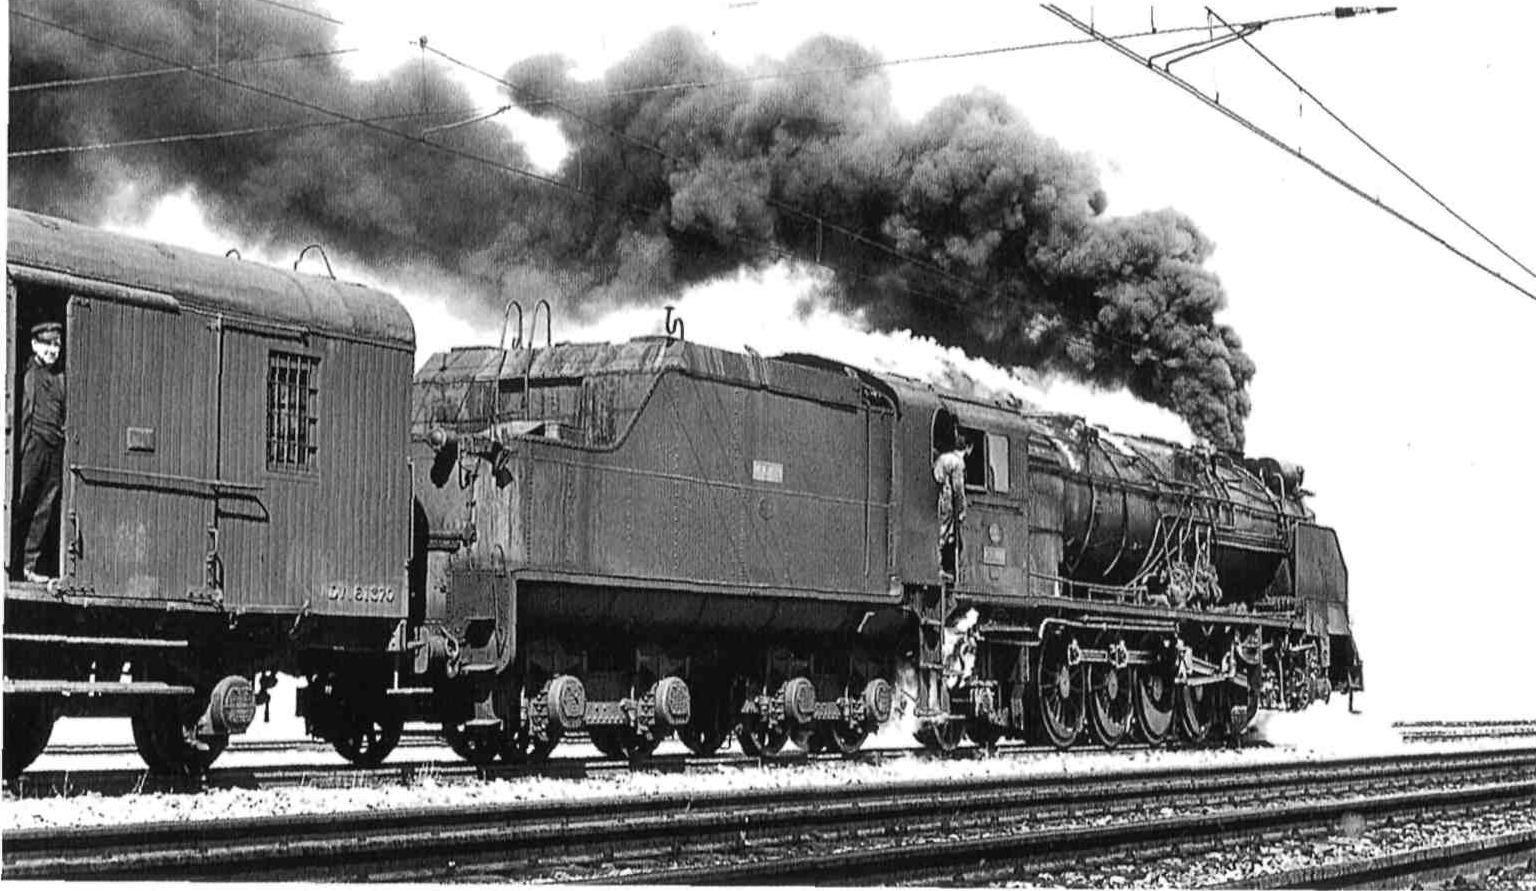 7048 - ¿Cuánto sabes de las Revoluciones Industriales?